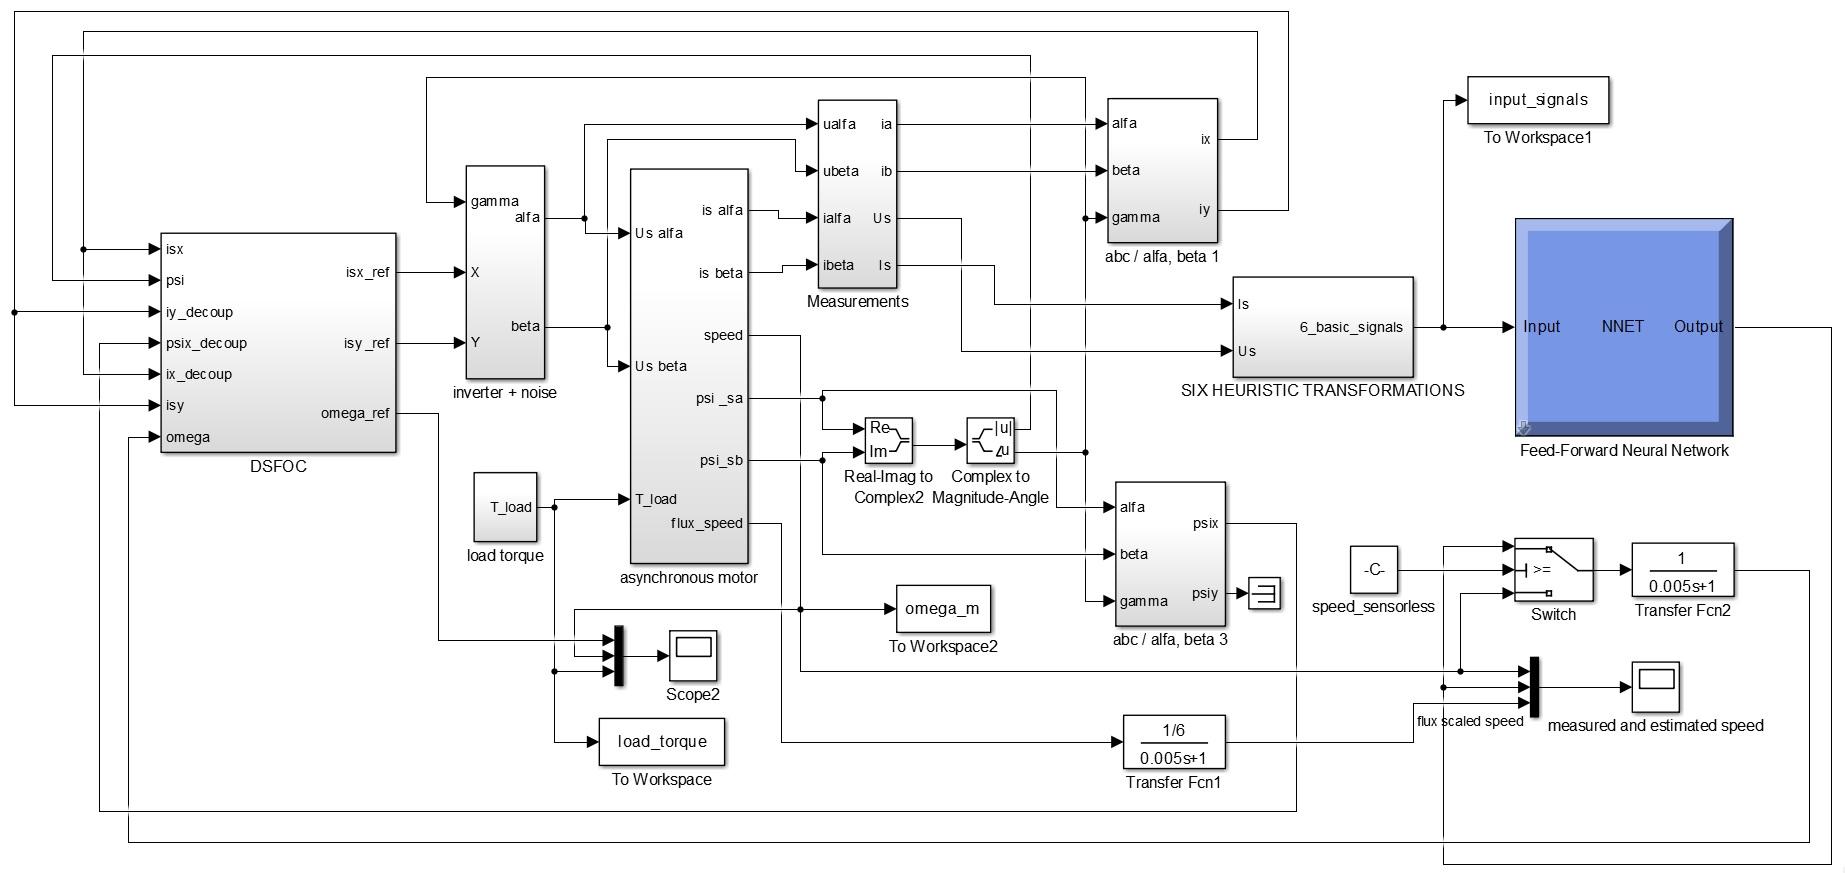 شبیه سازی موتور القایی و کنترل سرعت آن به روش بدون سنسور مبتنی بر تخمین گر (با استفاده از شبکه های عصبی)1